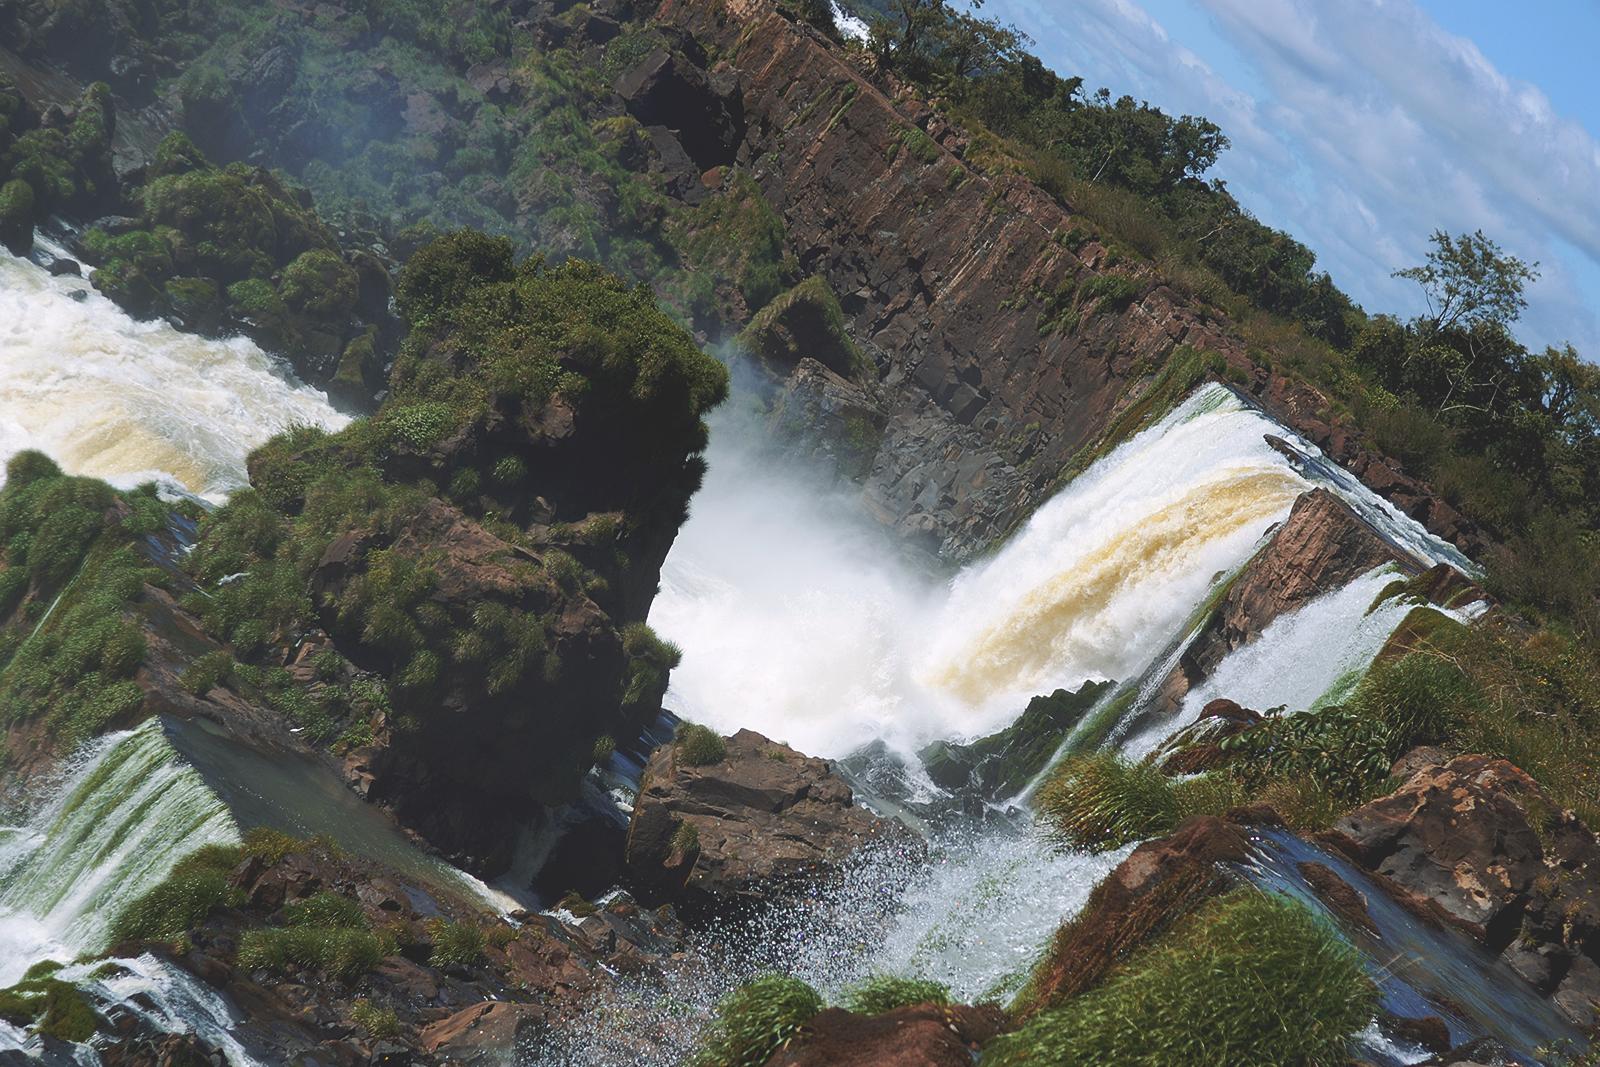 Vistas desde el Circuito Inferior del Parque Nacional Iguazú.